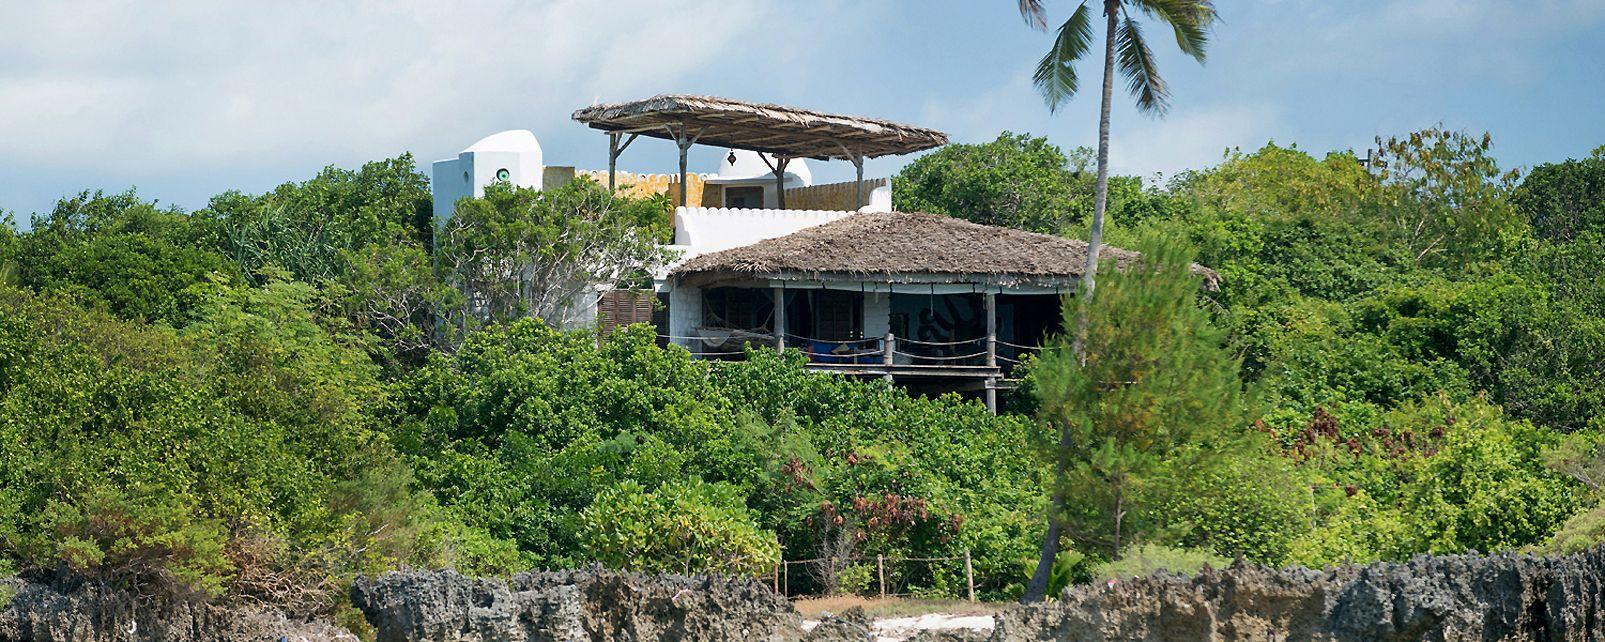 Hotel Matemwe Bungalows and Retreats